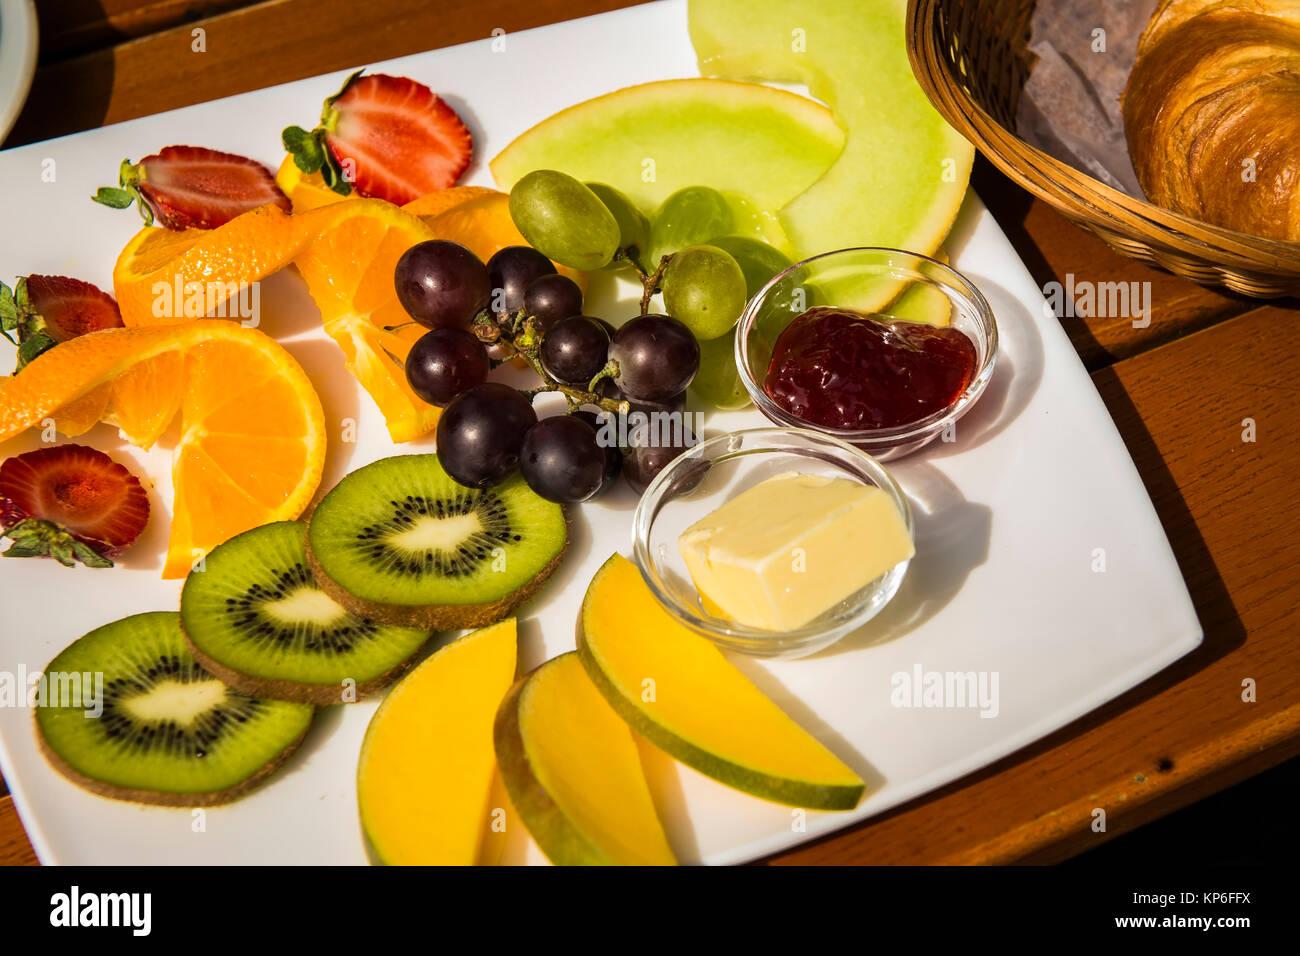 Obstteller, Fruehstueck - Obst zum Frühstück Stockbild